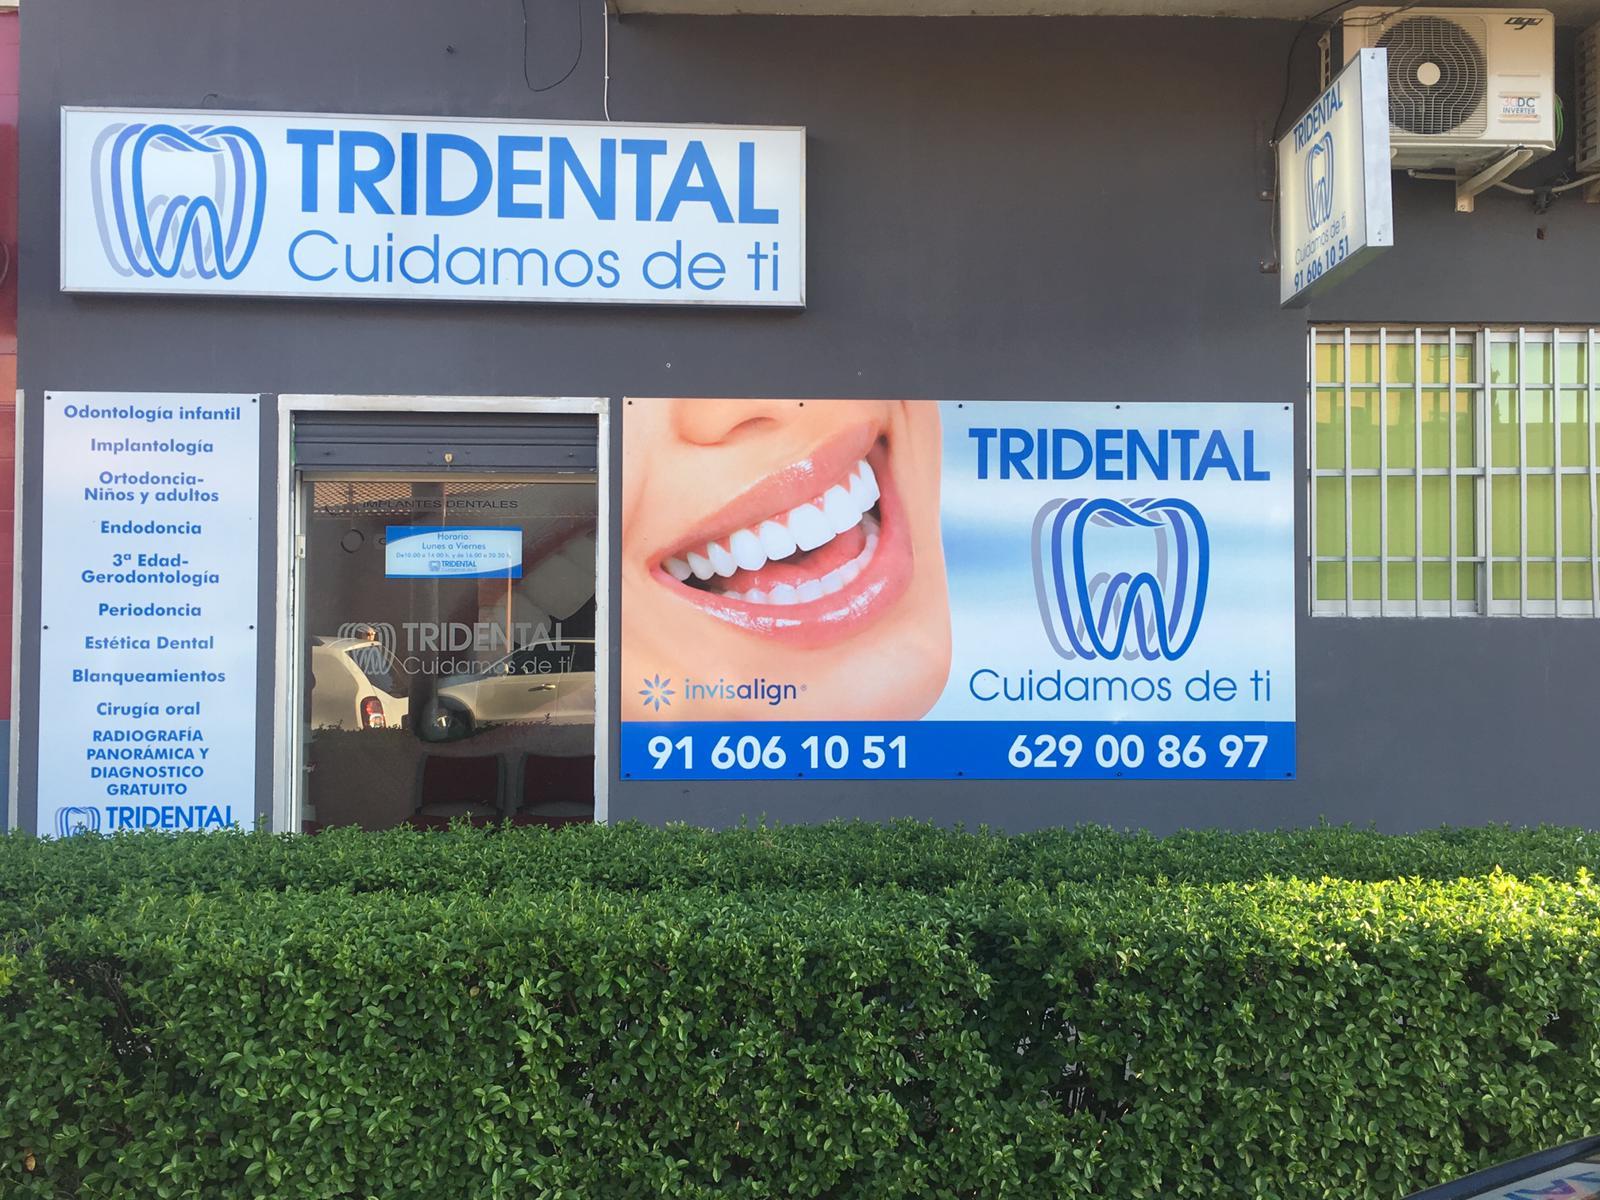 Fachada clinica dental fuenlabrada - Tridental